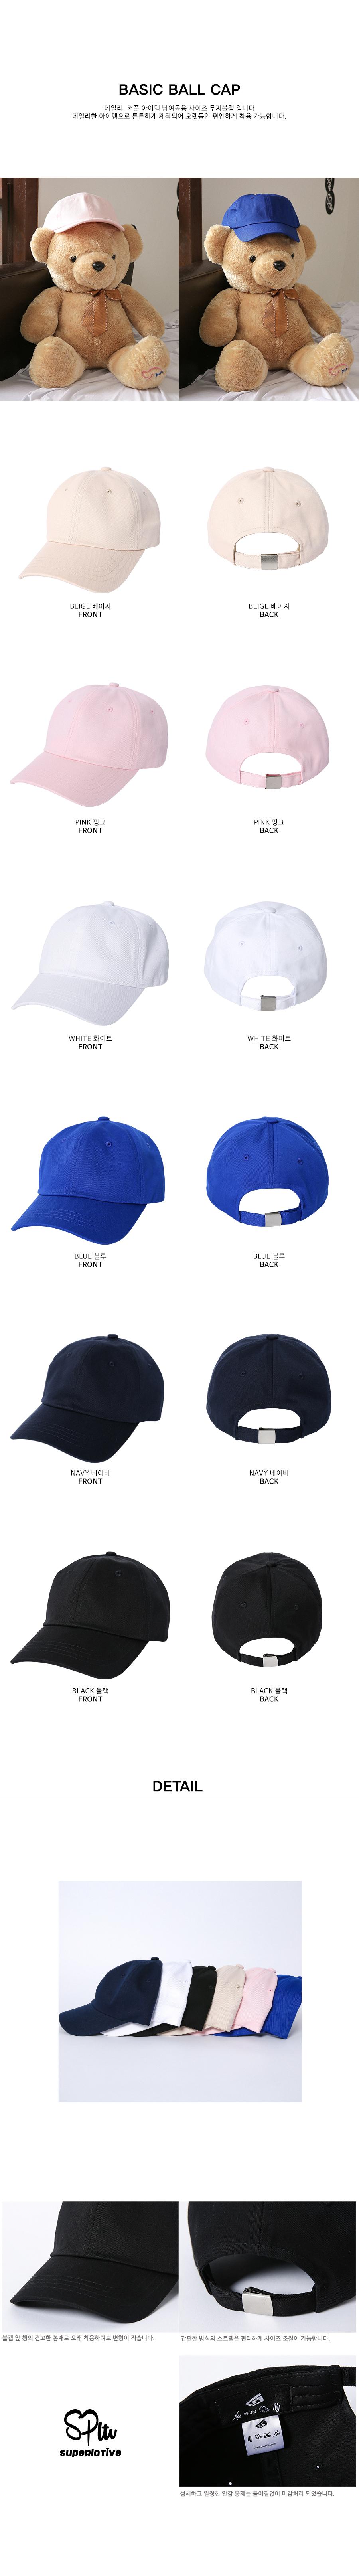 basic_ballcap.jpg